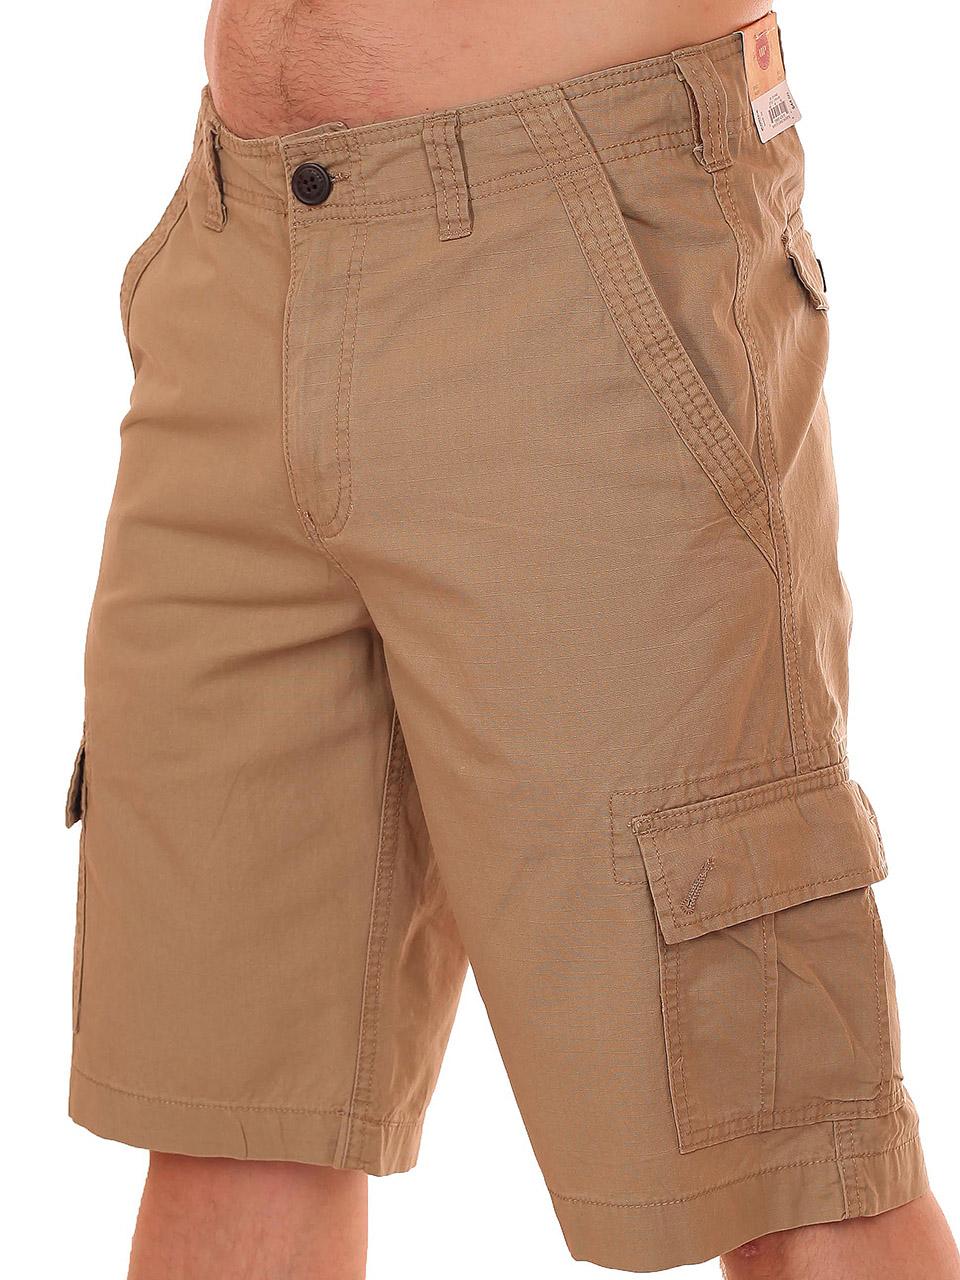 Мужские шорты от Urban для летнего отпуска